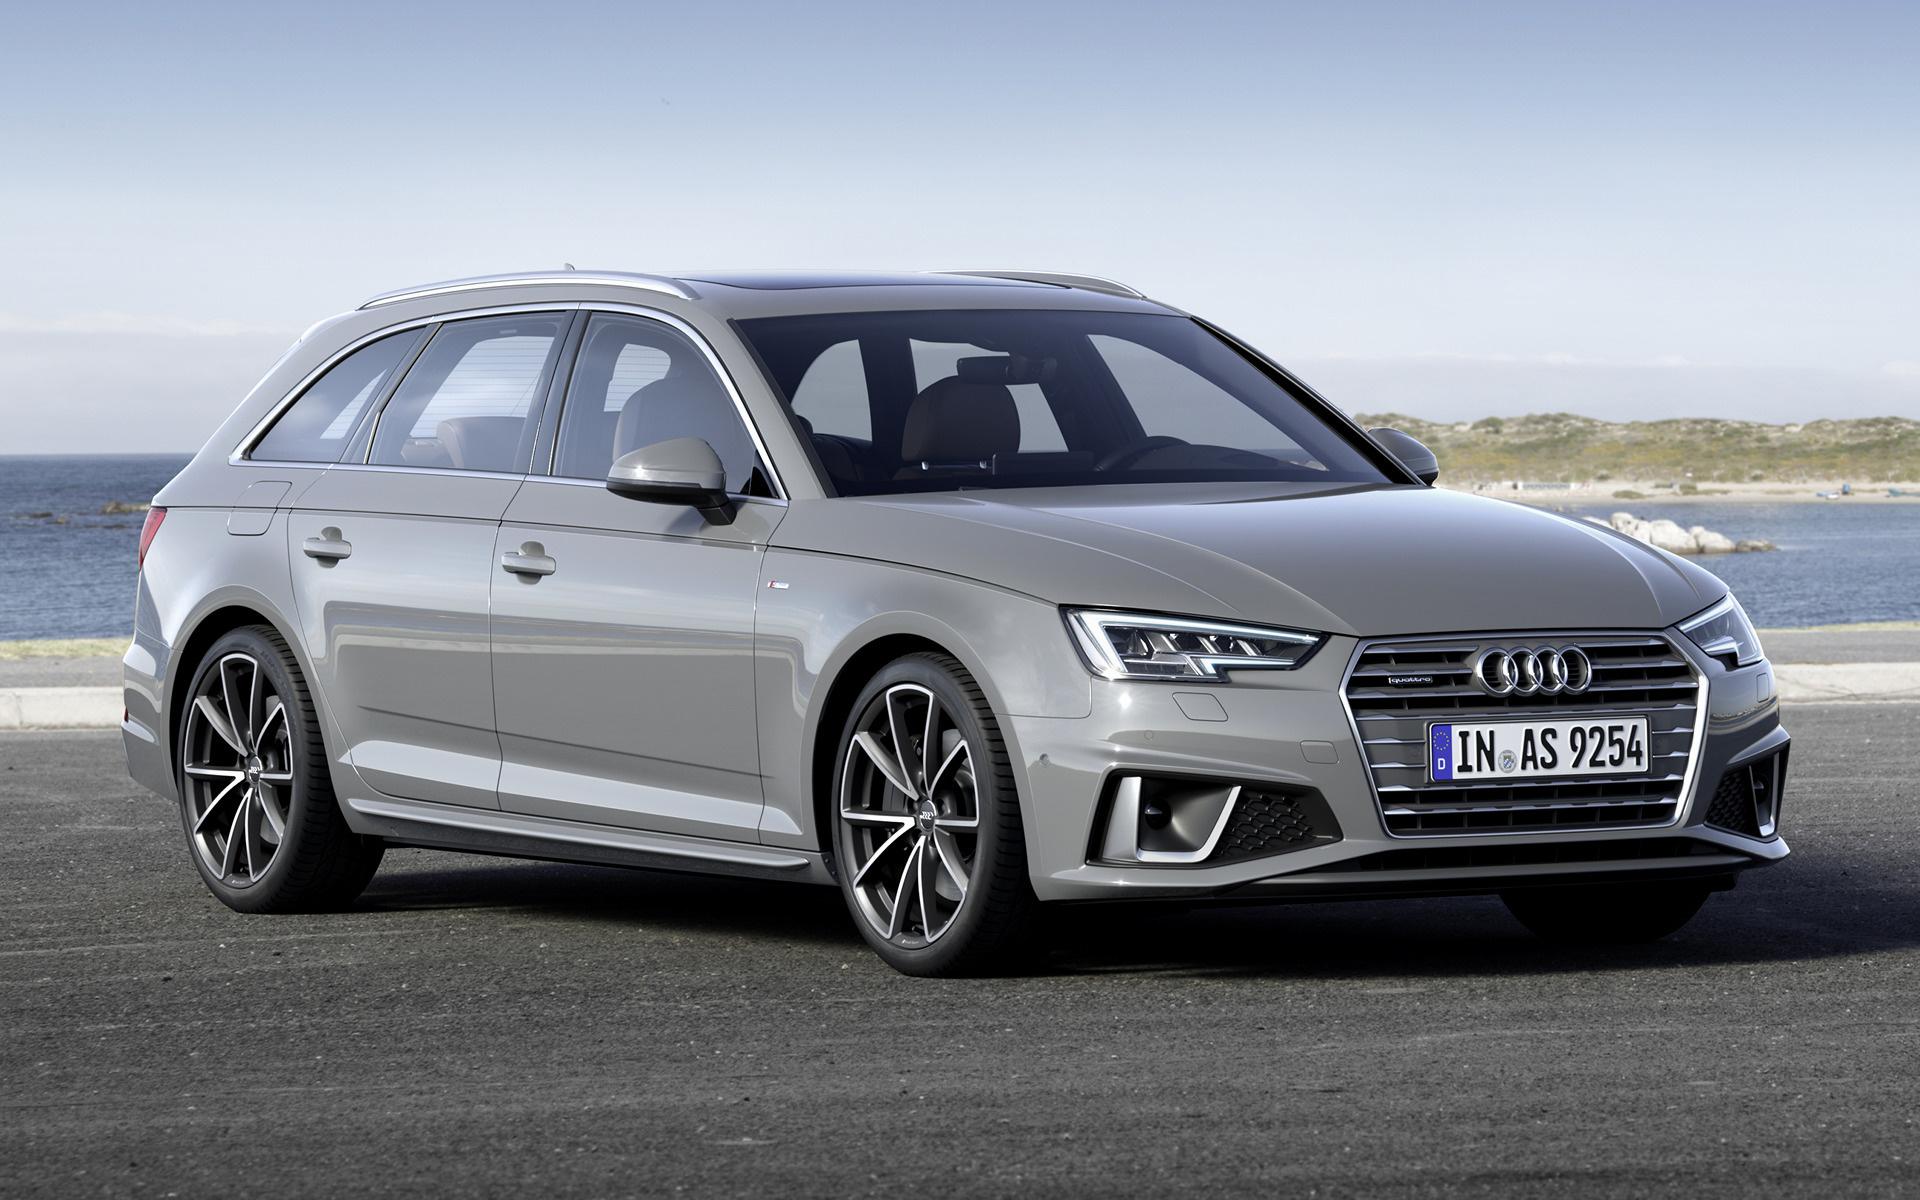 Kekurangan Audi A4 Avant 2018 Top Model Tahun Ini